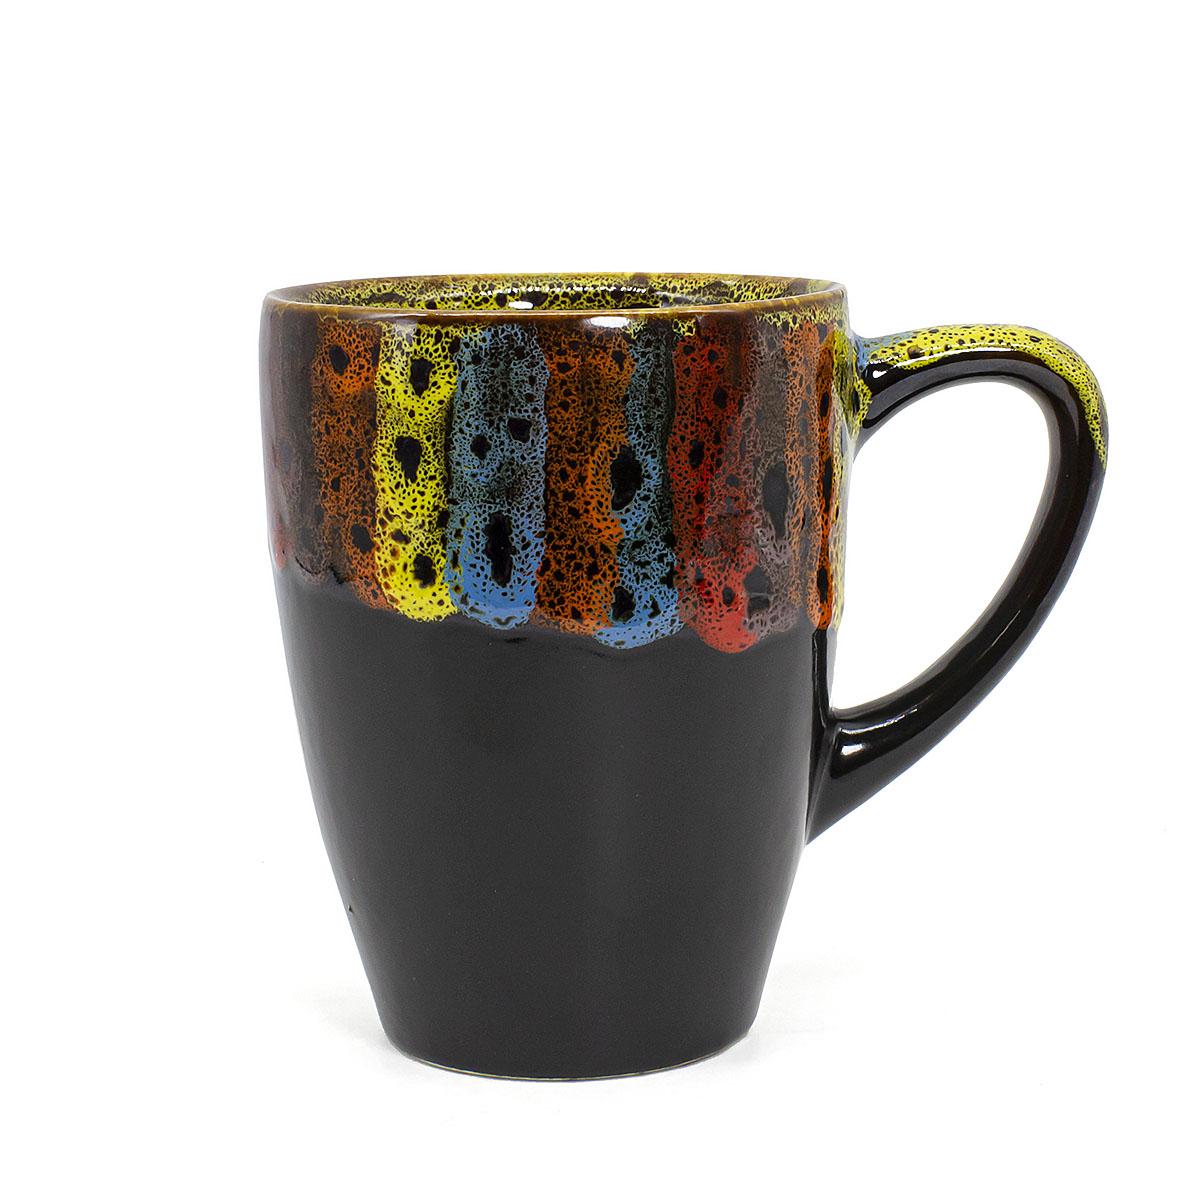 чашка глиняная малиновый щербет 350 мл Чашка глиняная Фантазия классическая, 350 мл